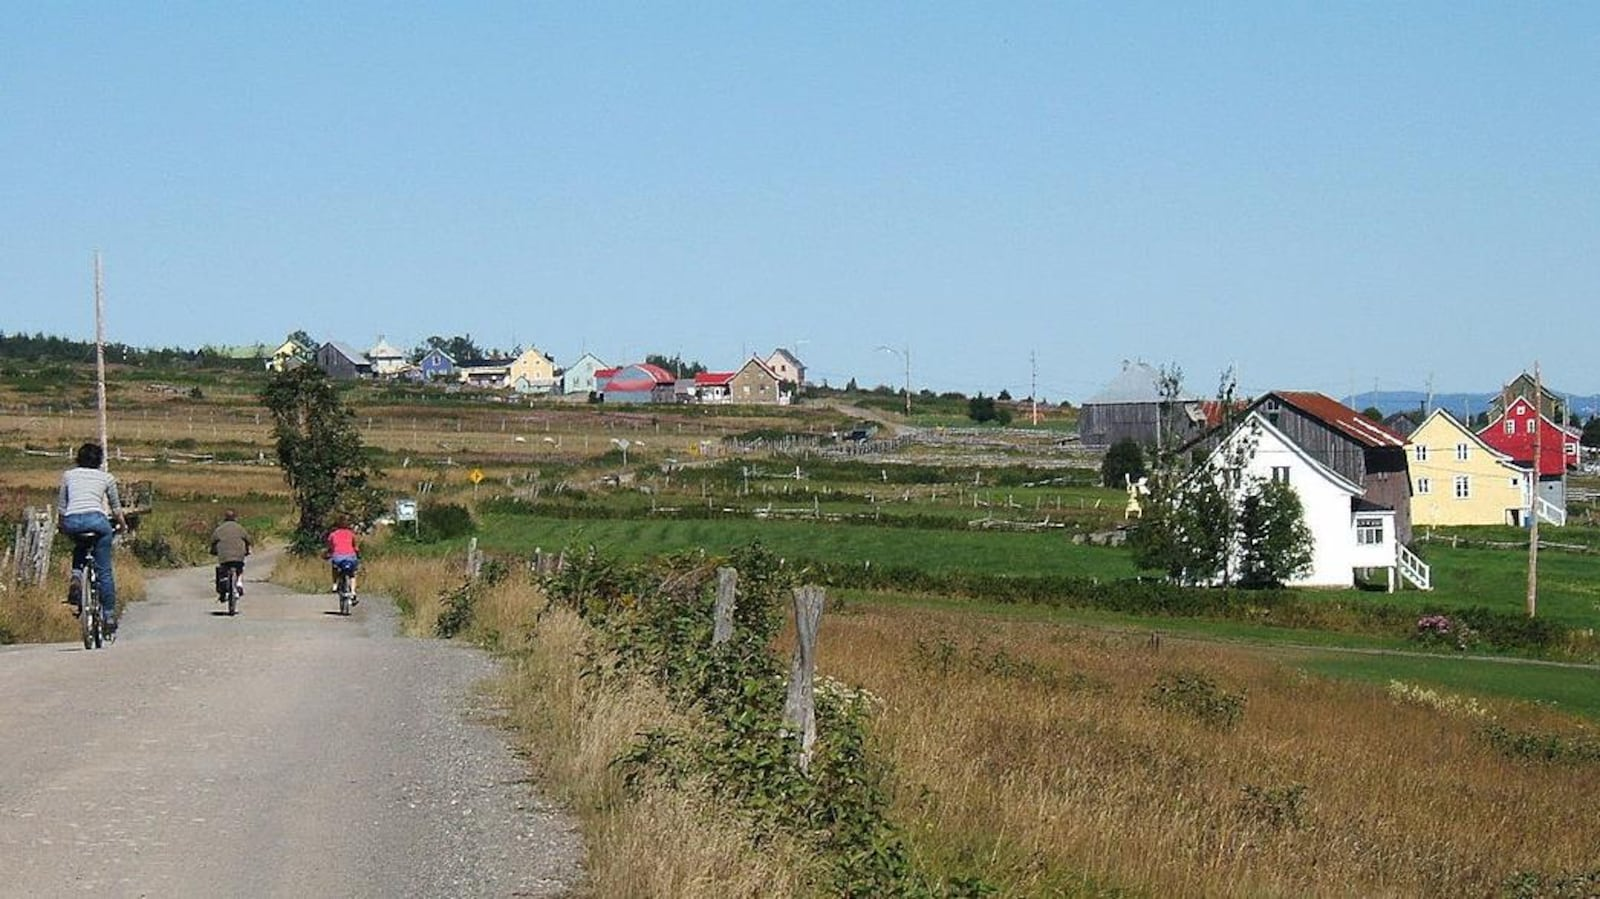 L'île de Notre-Dame-des-Sept-Douleurs est située à environ 25 kilomètres de Rivière-du-Loup, dans le Bas-Saint-Laurent.